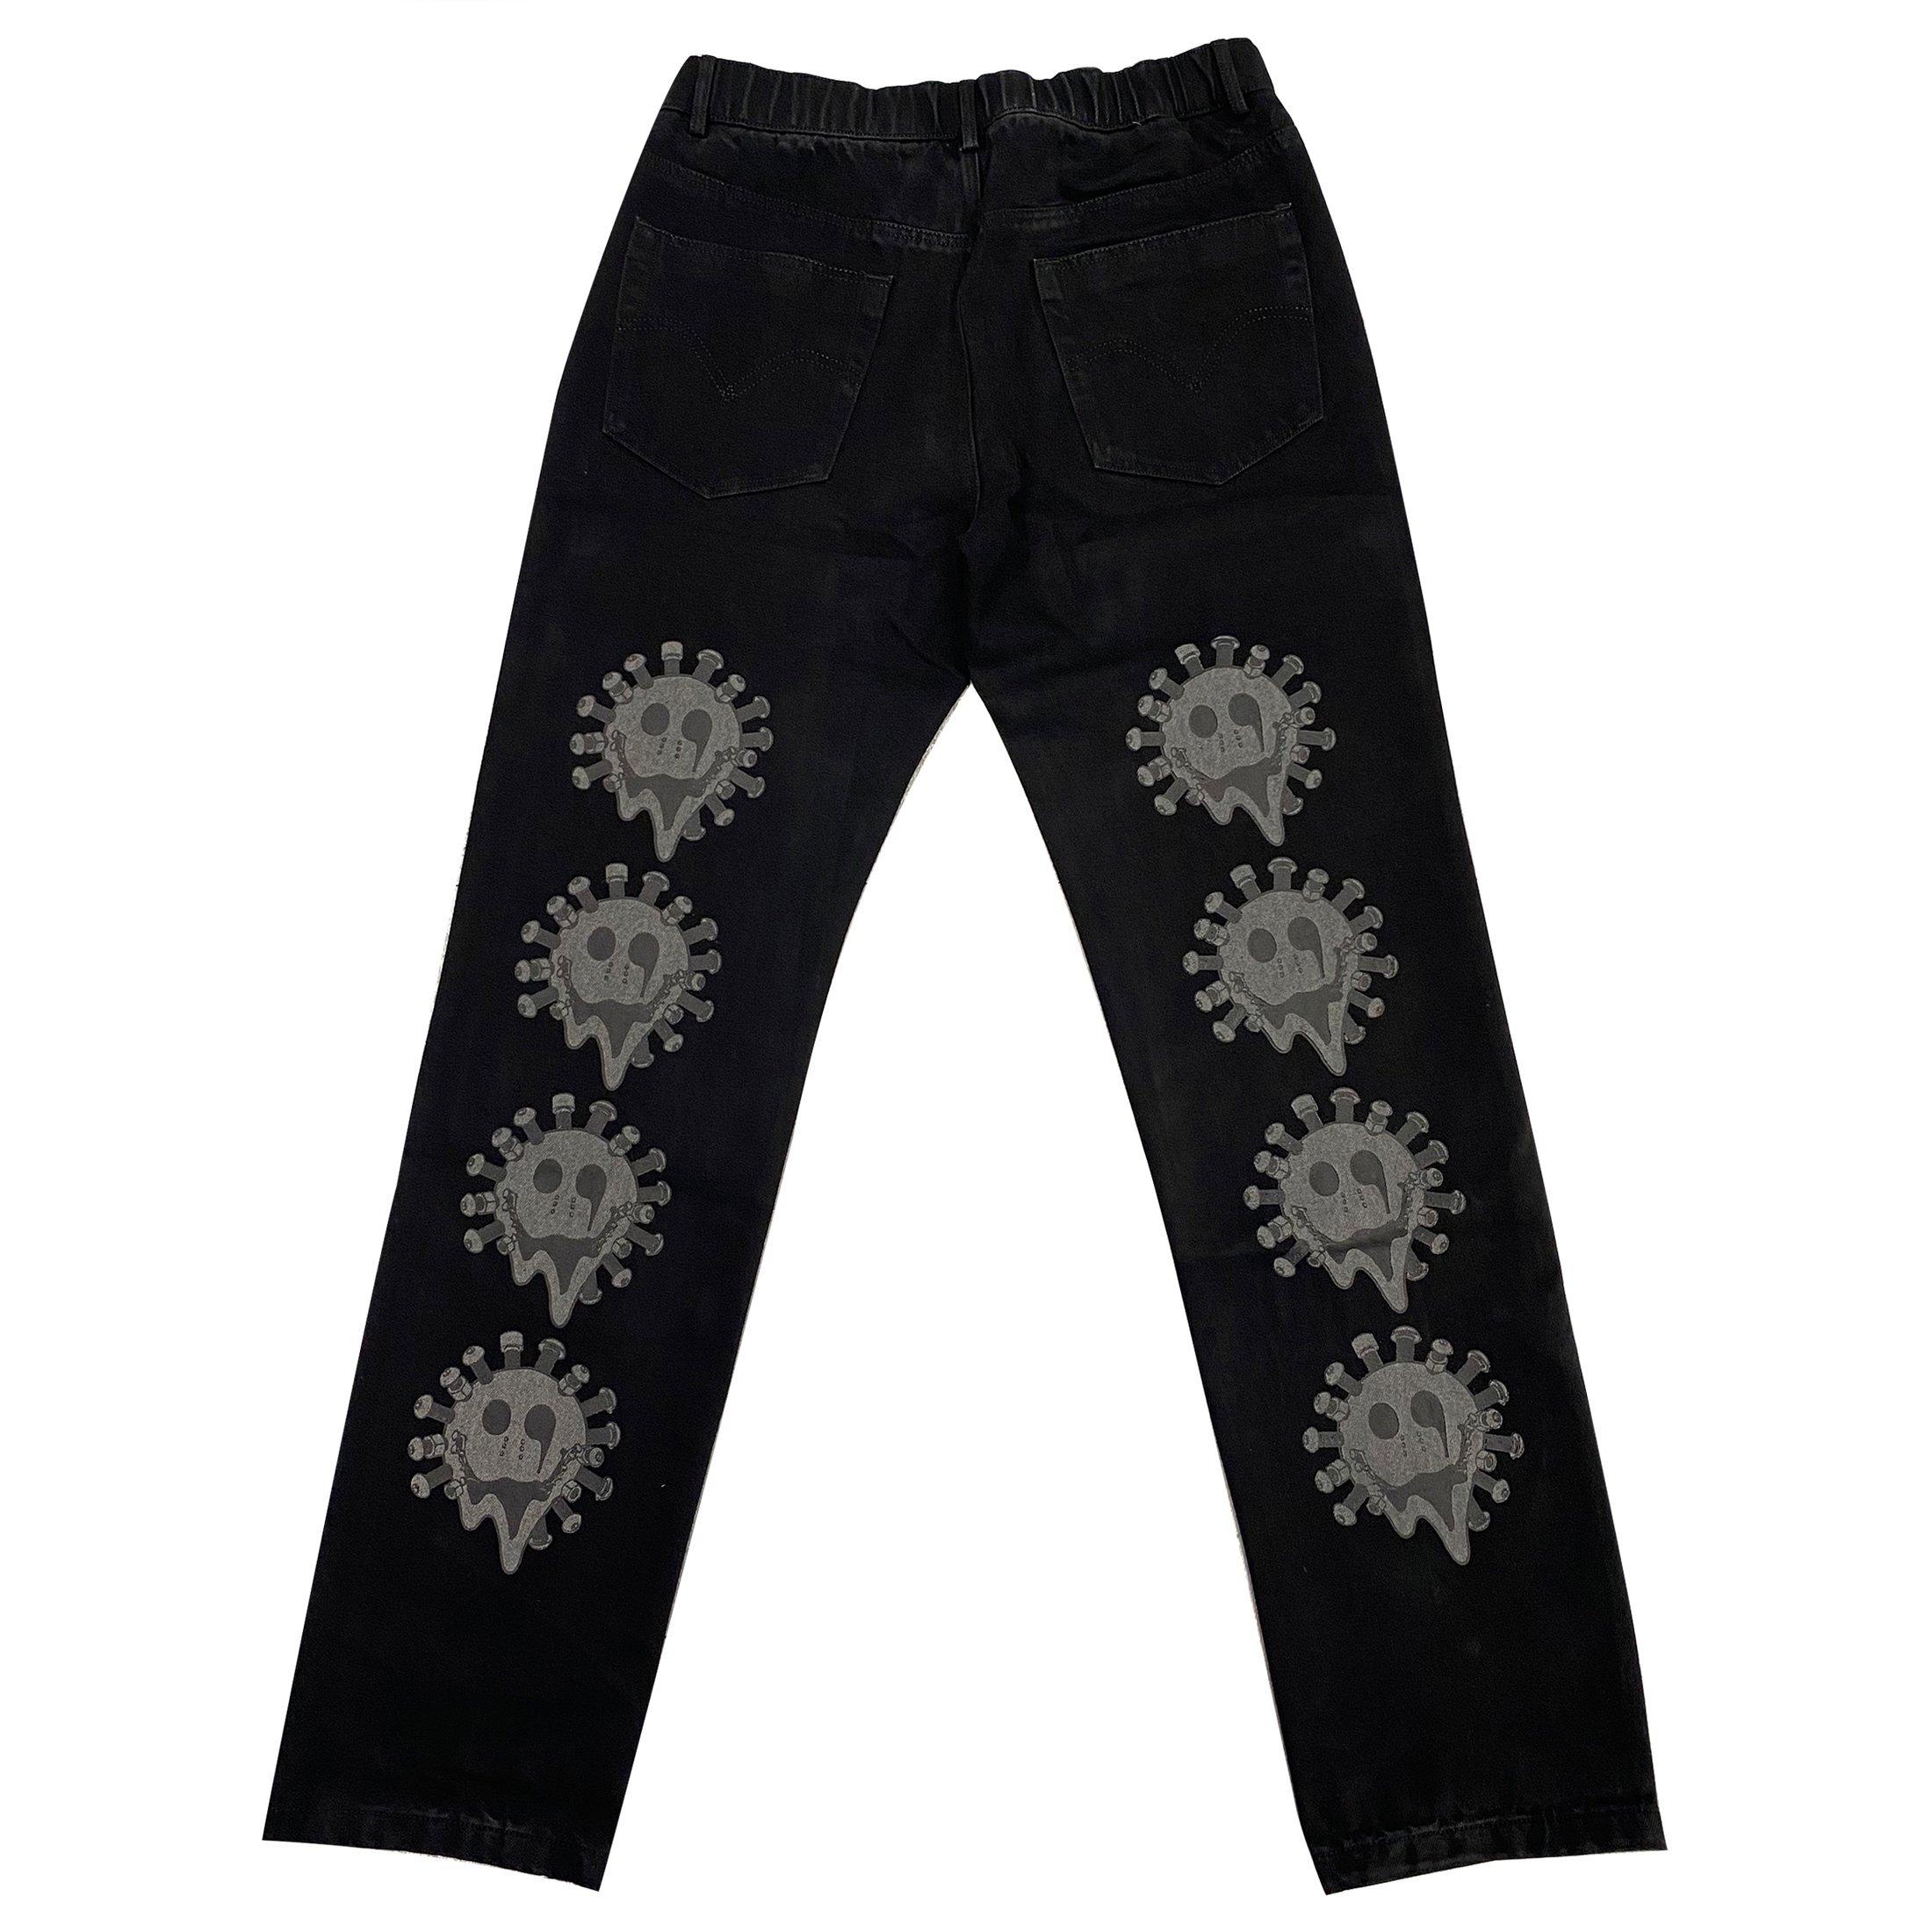 VIRUS WORLD 3M Mechanical Smile Pants BLACK